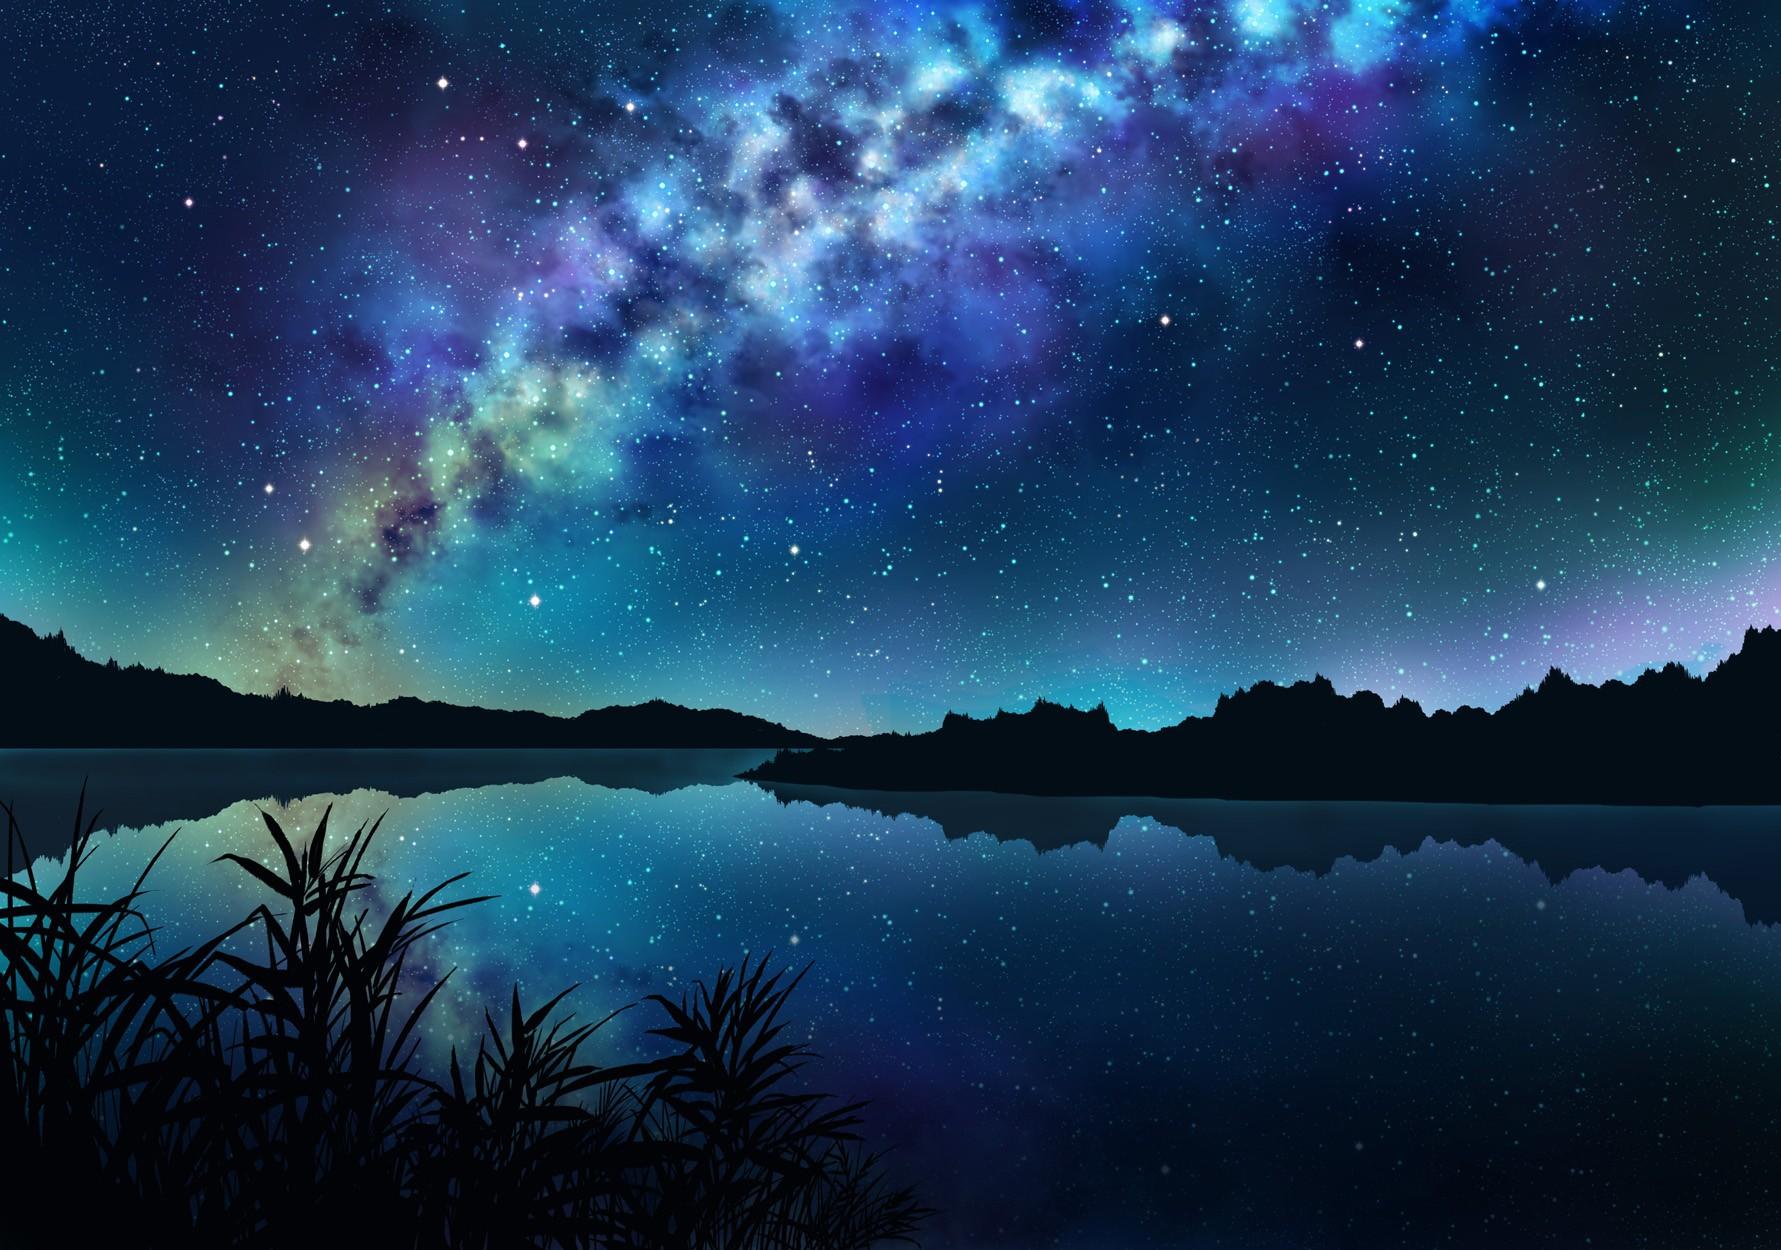 противном случае открытки ночное небо молодую актрису